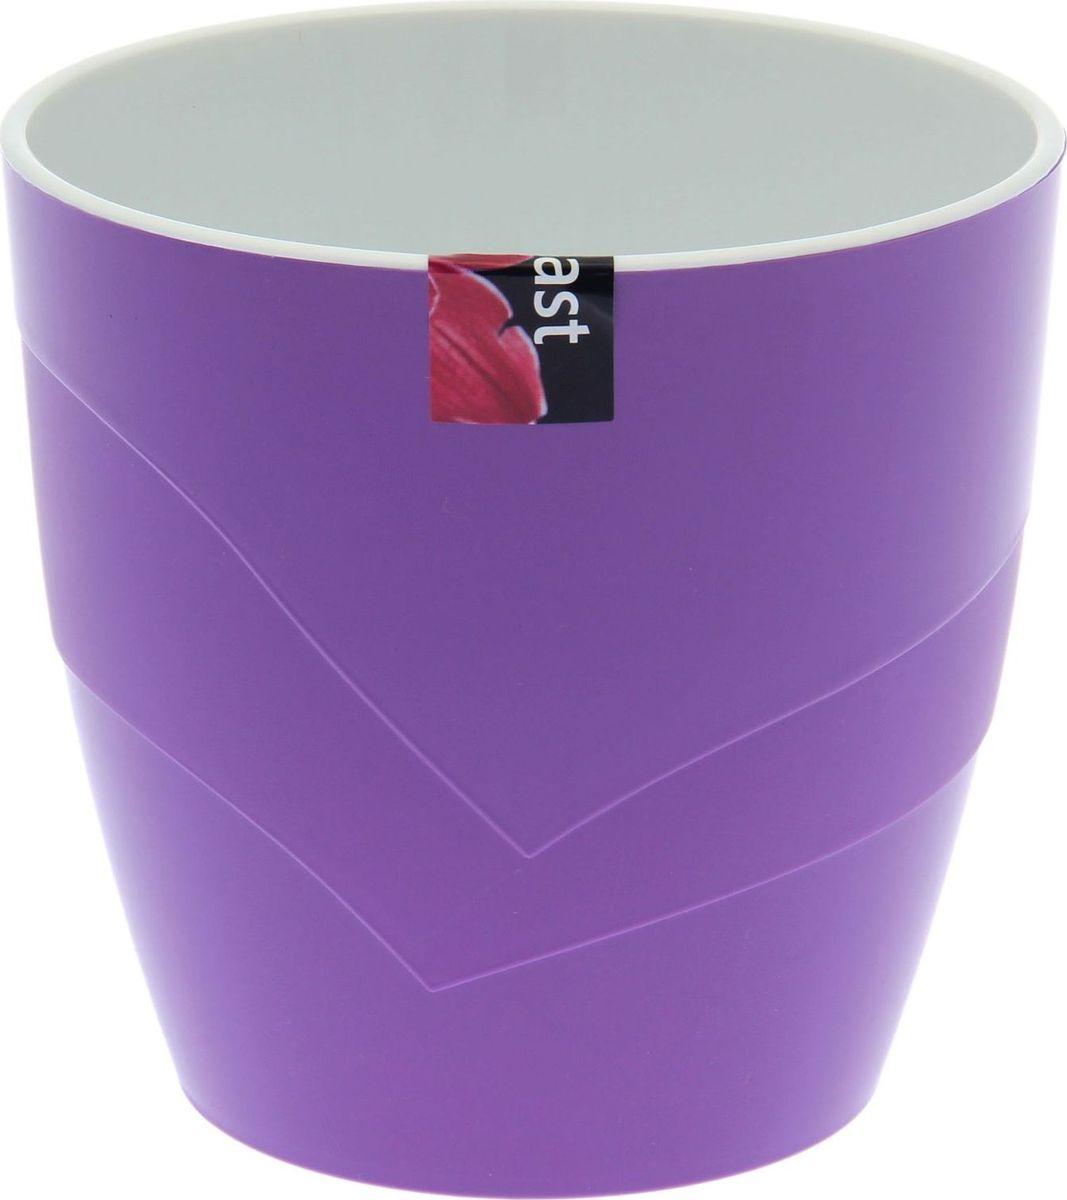 Кашпо JetPlast Грация, цвет: фиолетовый, 1,2 л1694307Кашпо JetPlast Грация классической формы с элегантной матовой волной по центру и внутренней вставкой-горшком. Дренажная вставка позволяет легко поливать растения без использования дополнительного поддона.Объем: 1,2 л.